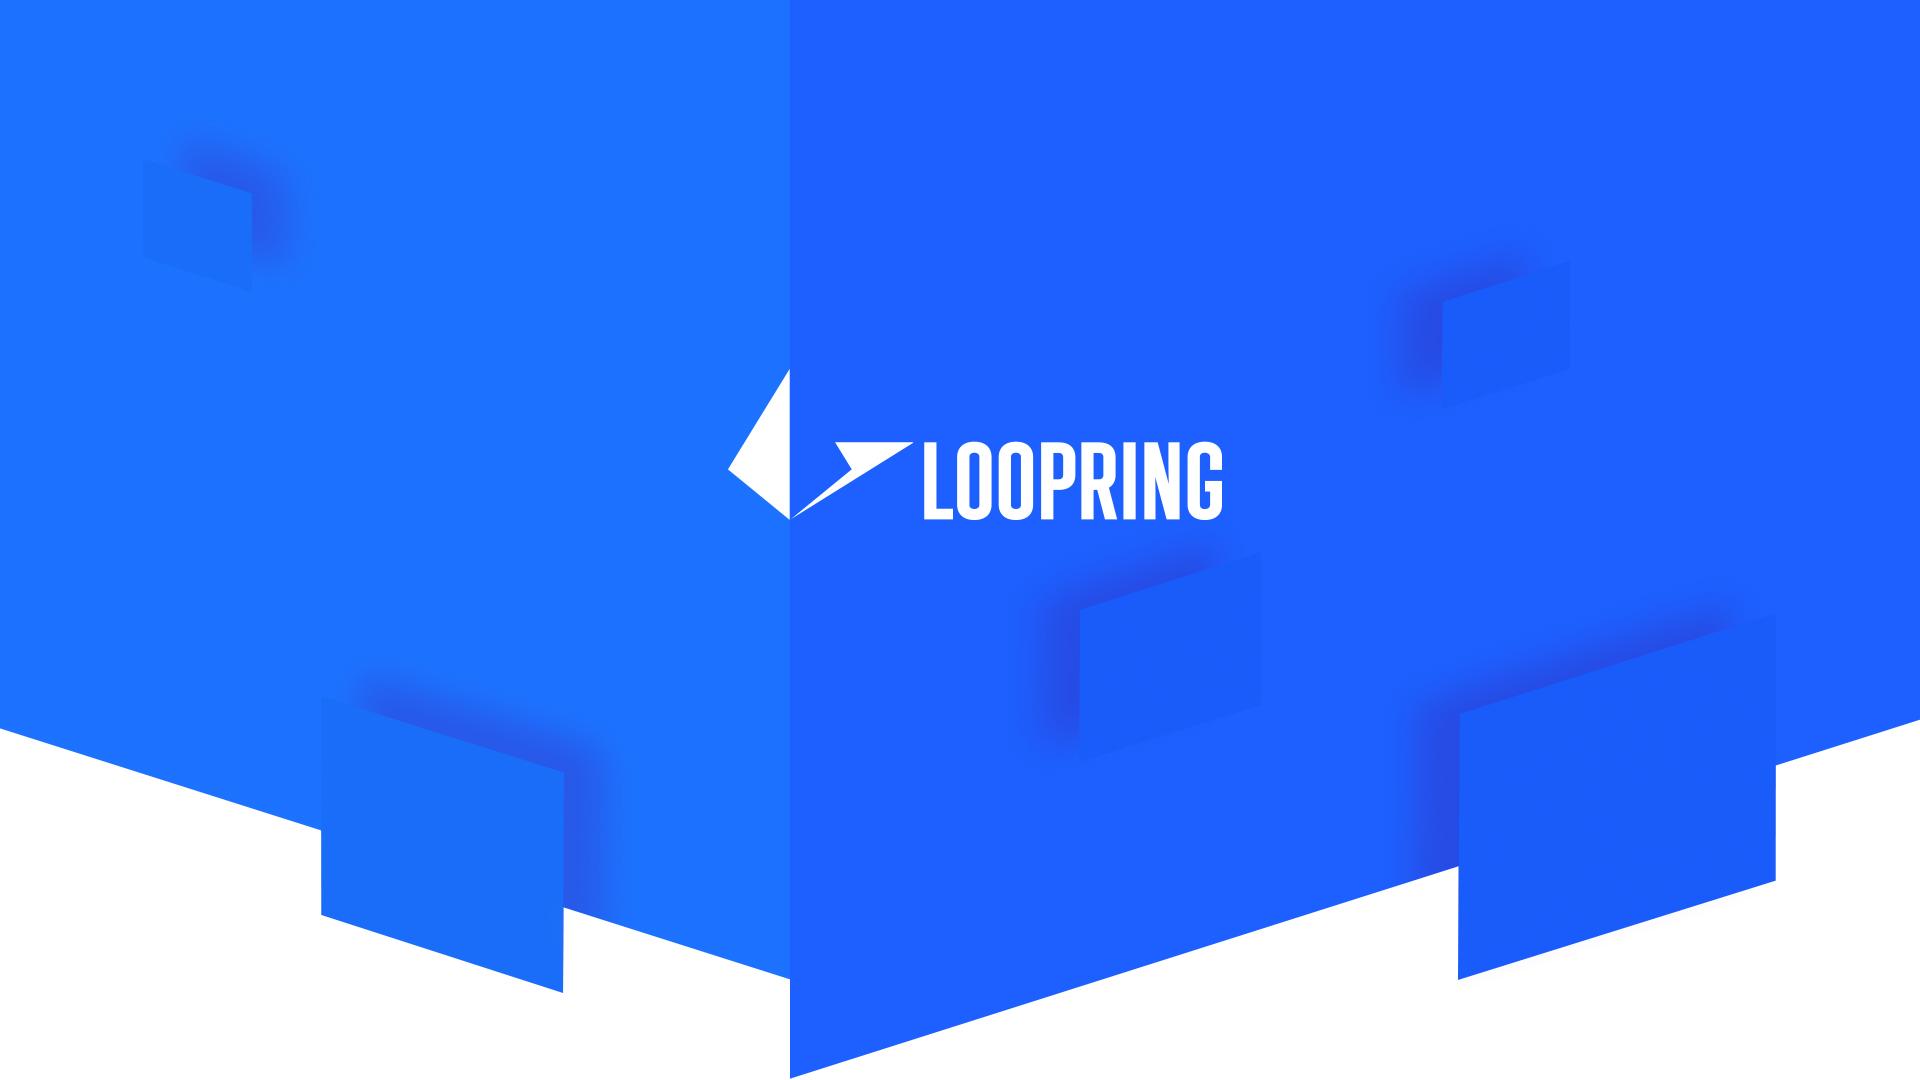 Loopring Website Design Preview